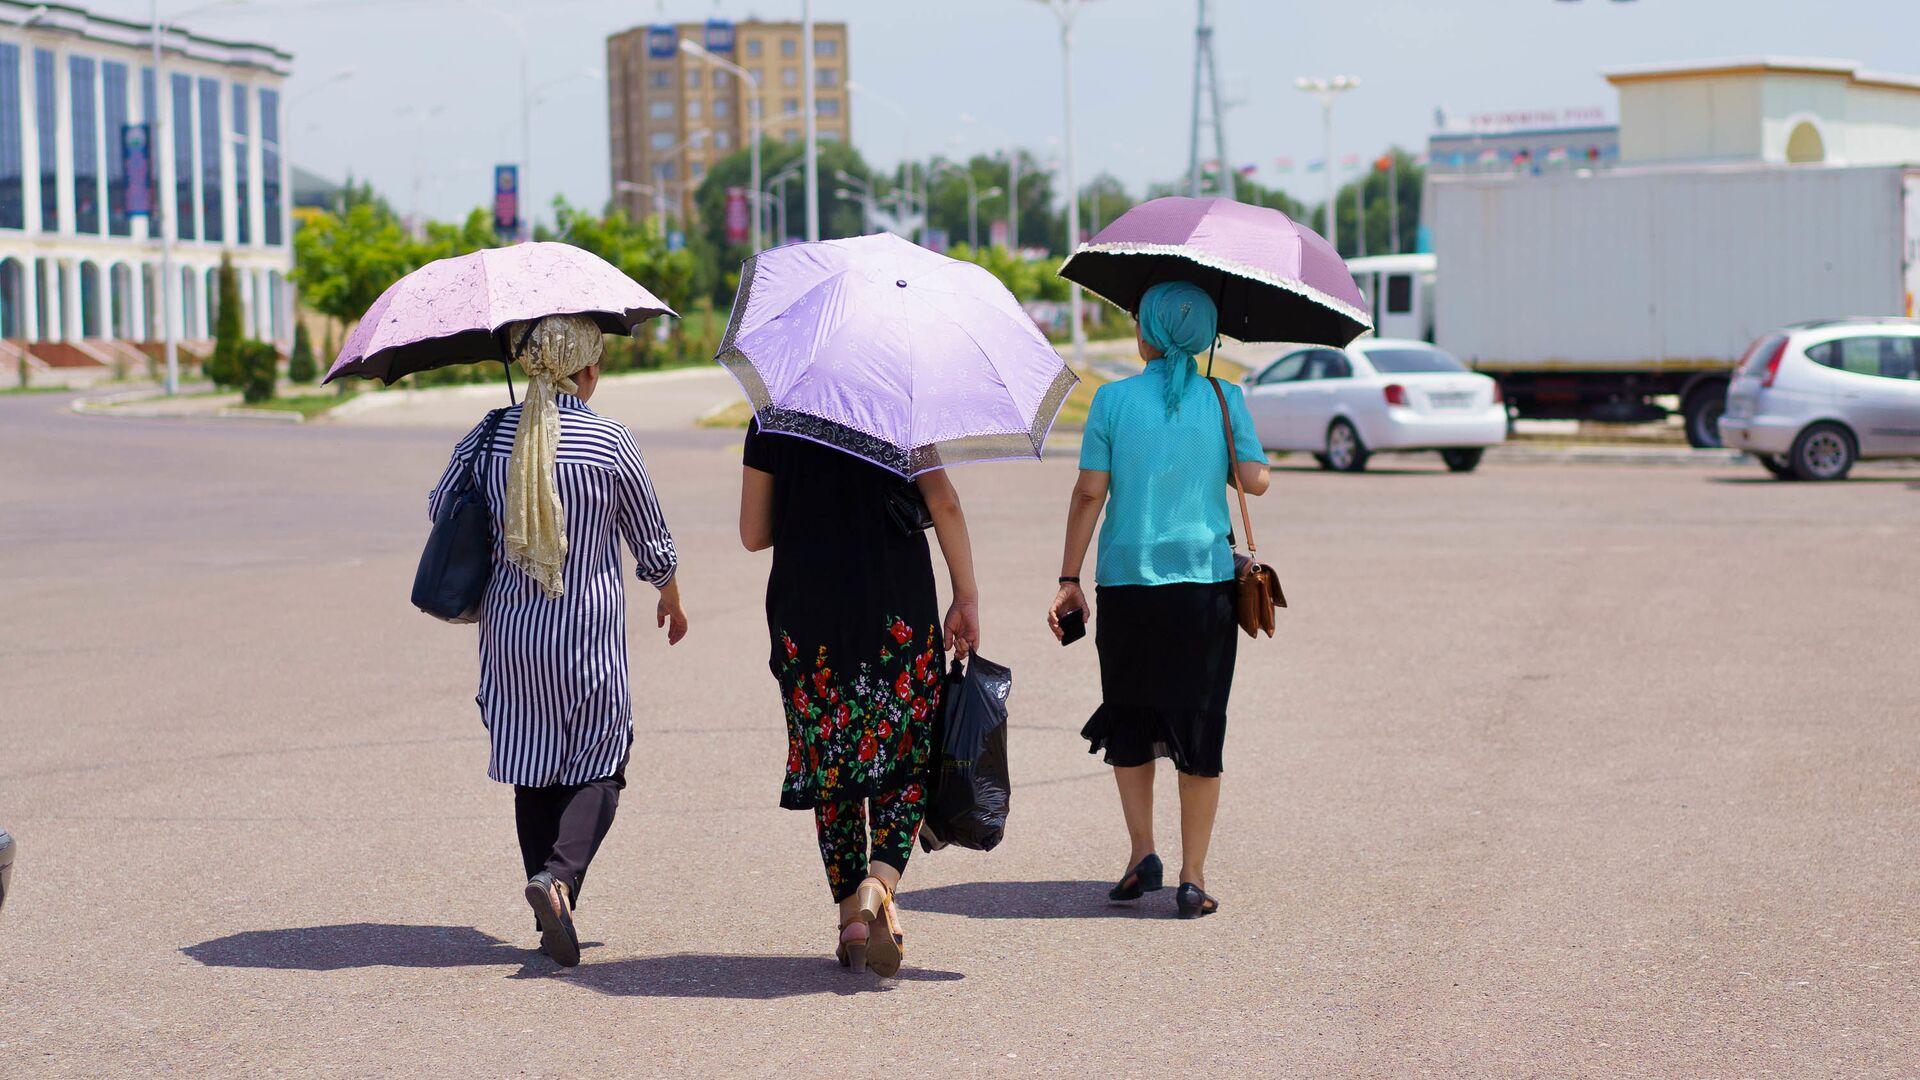 Женщины идут с зонтиками спасаясь от солнца - Sputnik Тоҷикистон, 1920, 23.08.2021